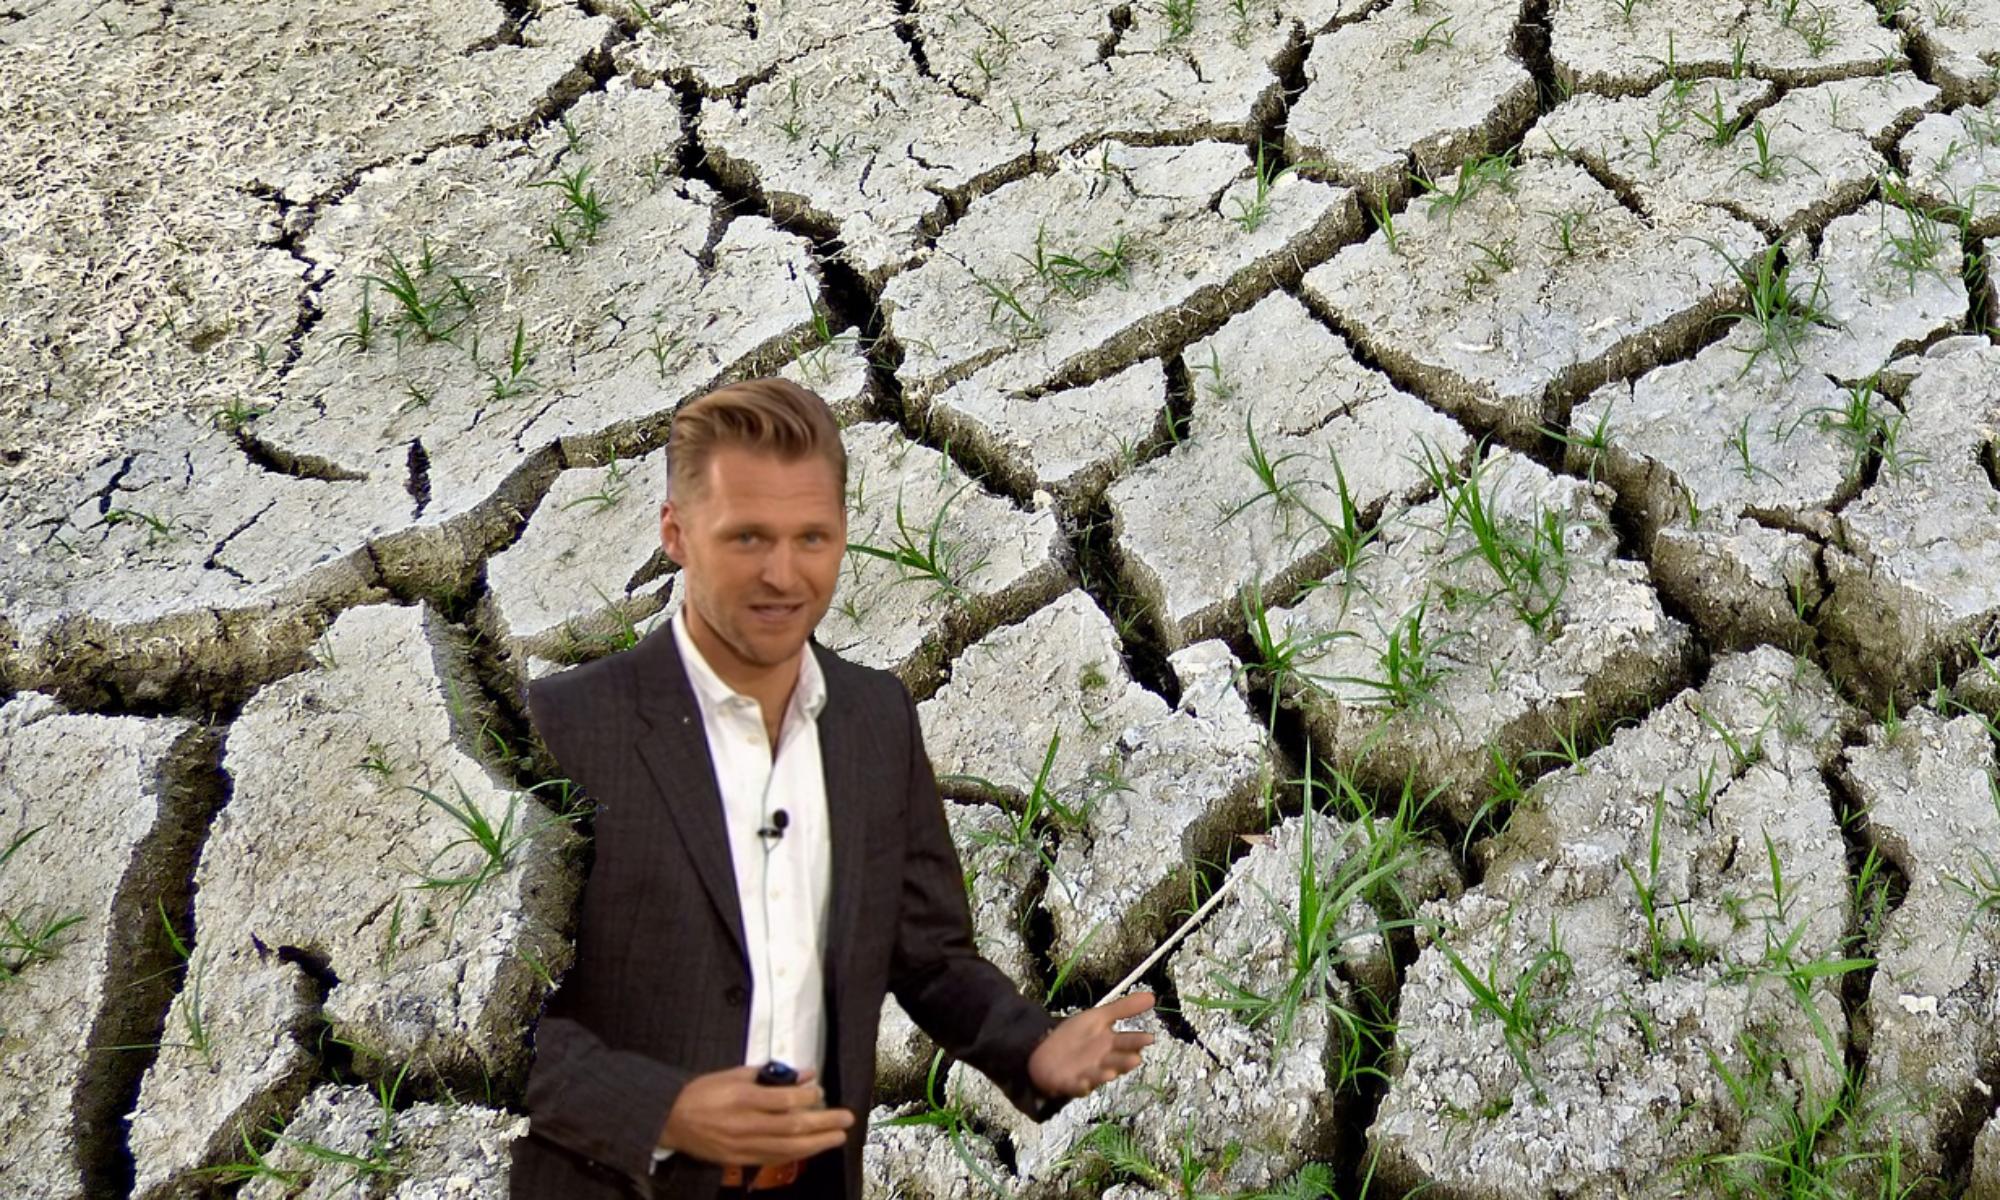 Foredrag om klima og vejr